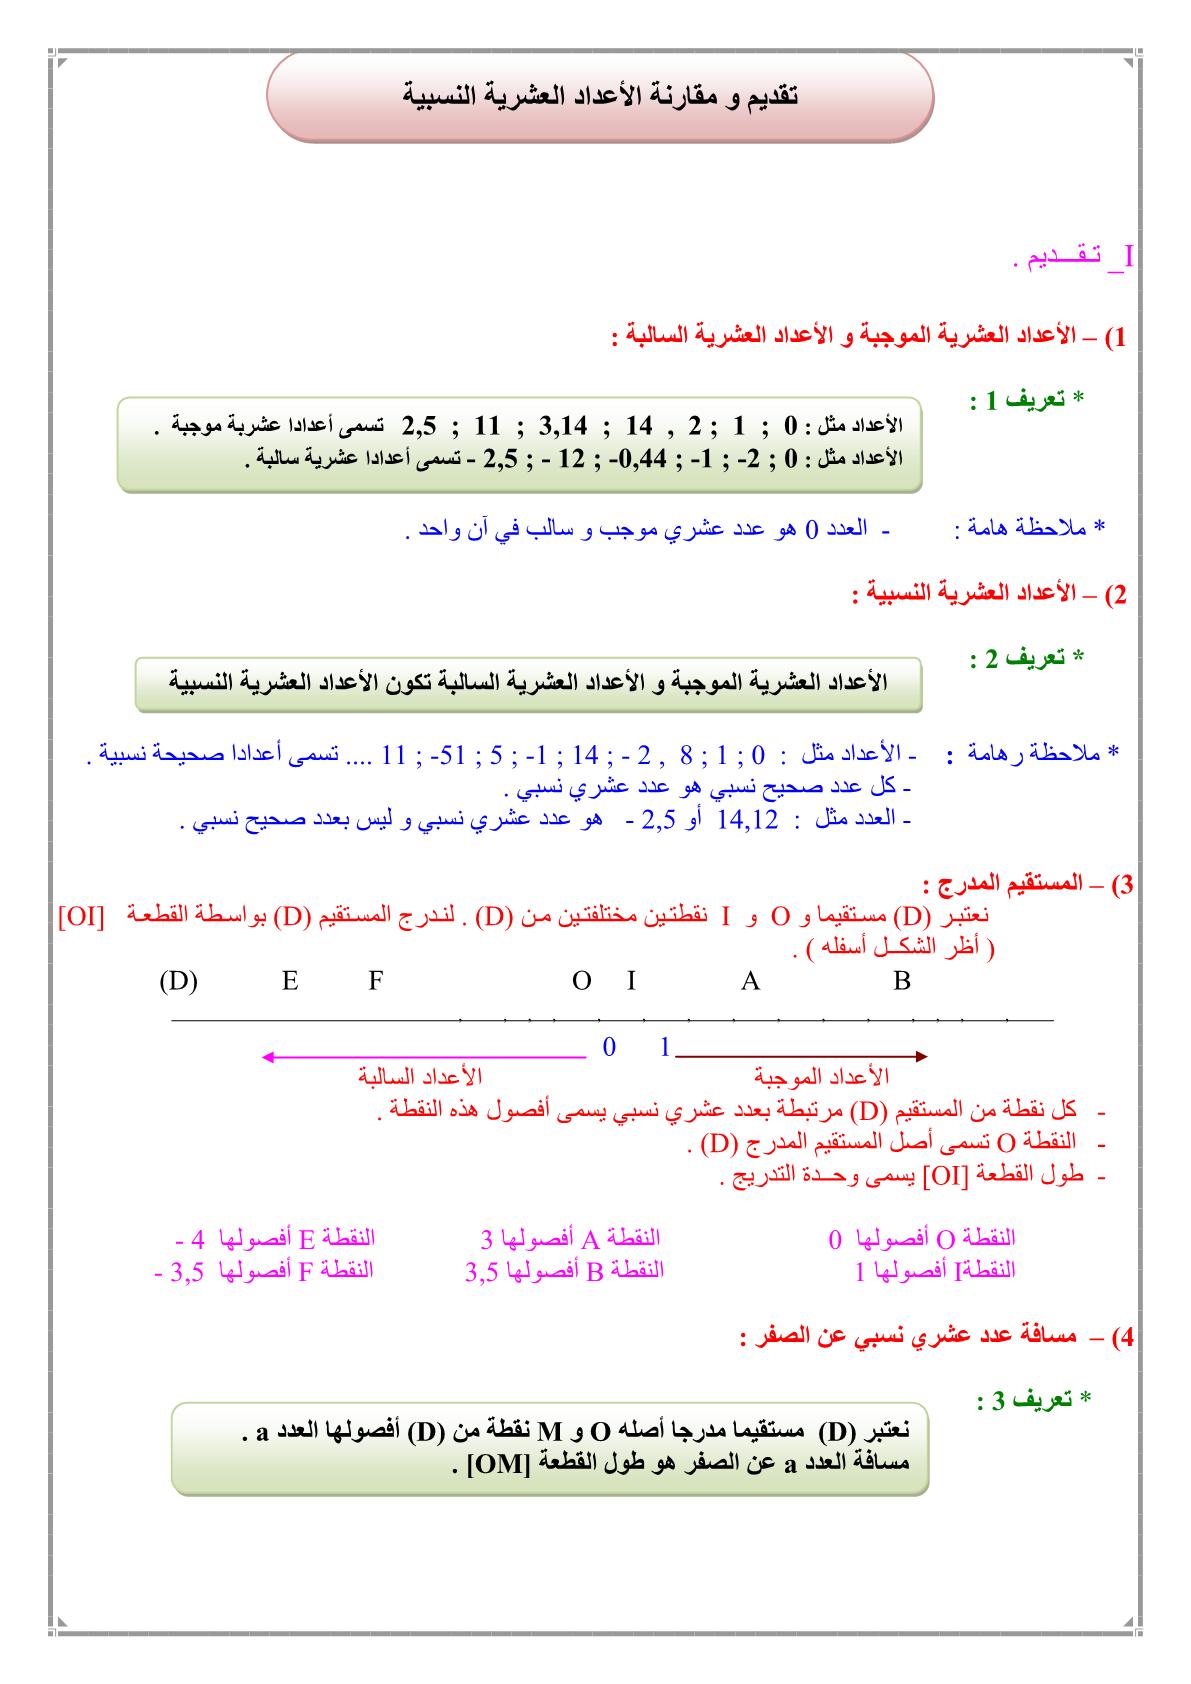 درس تقديم ومقارنة الأعداد العشرية النسبية للمستوى الأولى إعدادي